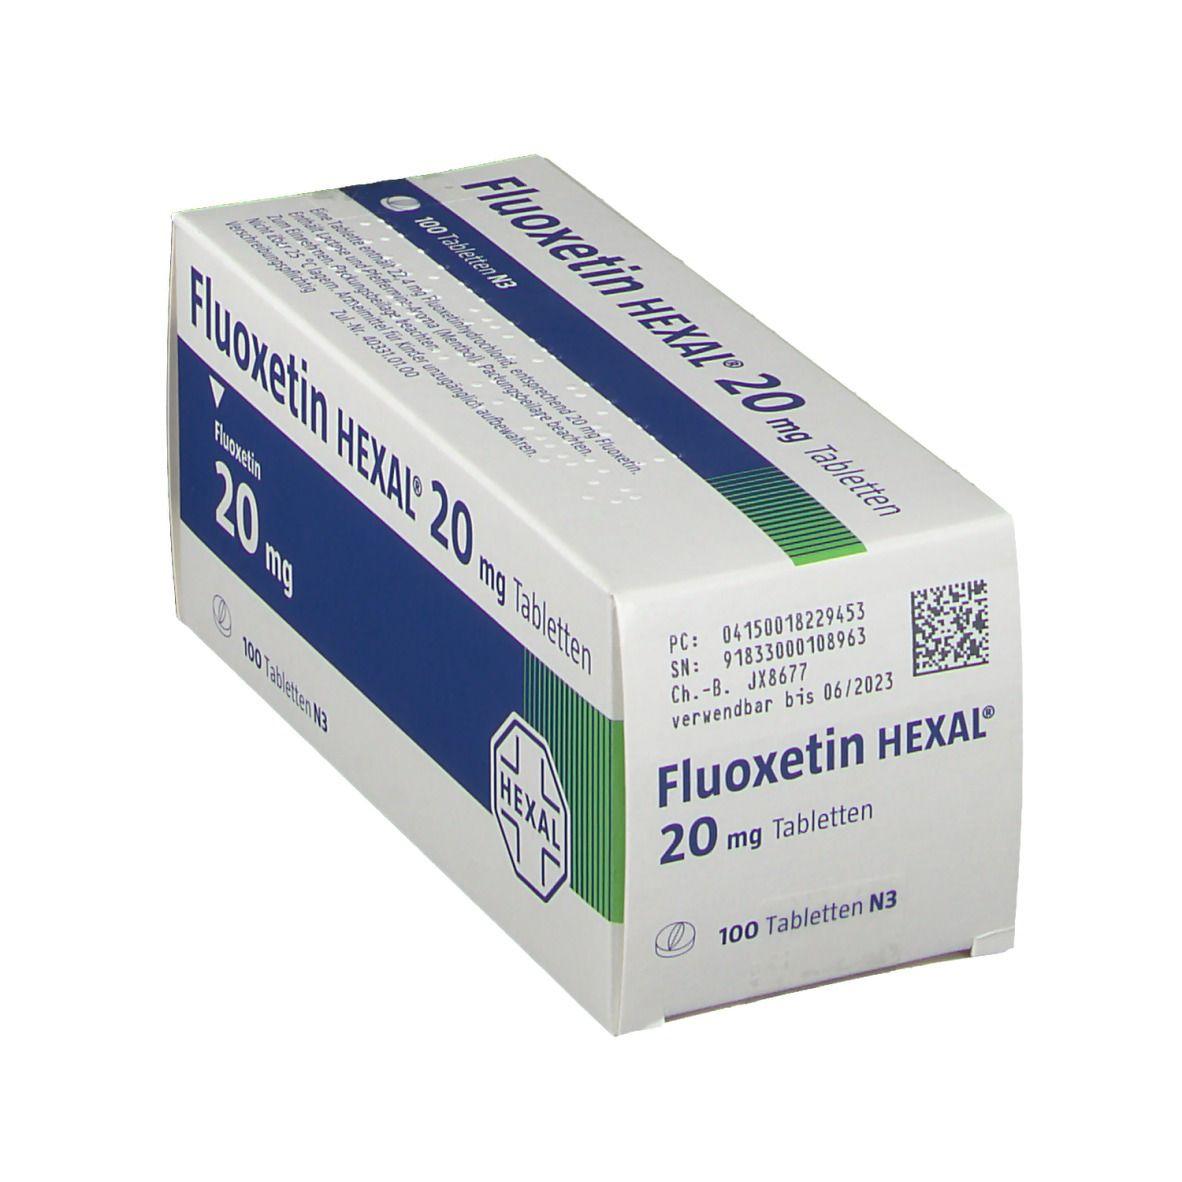 Wie man Fluoxetin 20 mg zur Gewichtsreduktion einnimmt